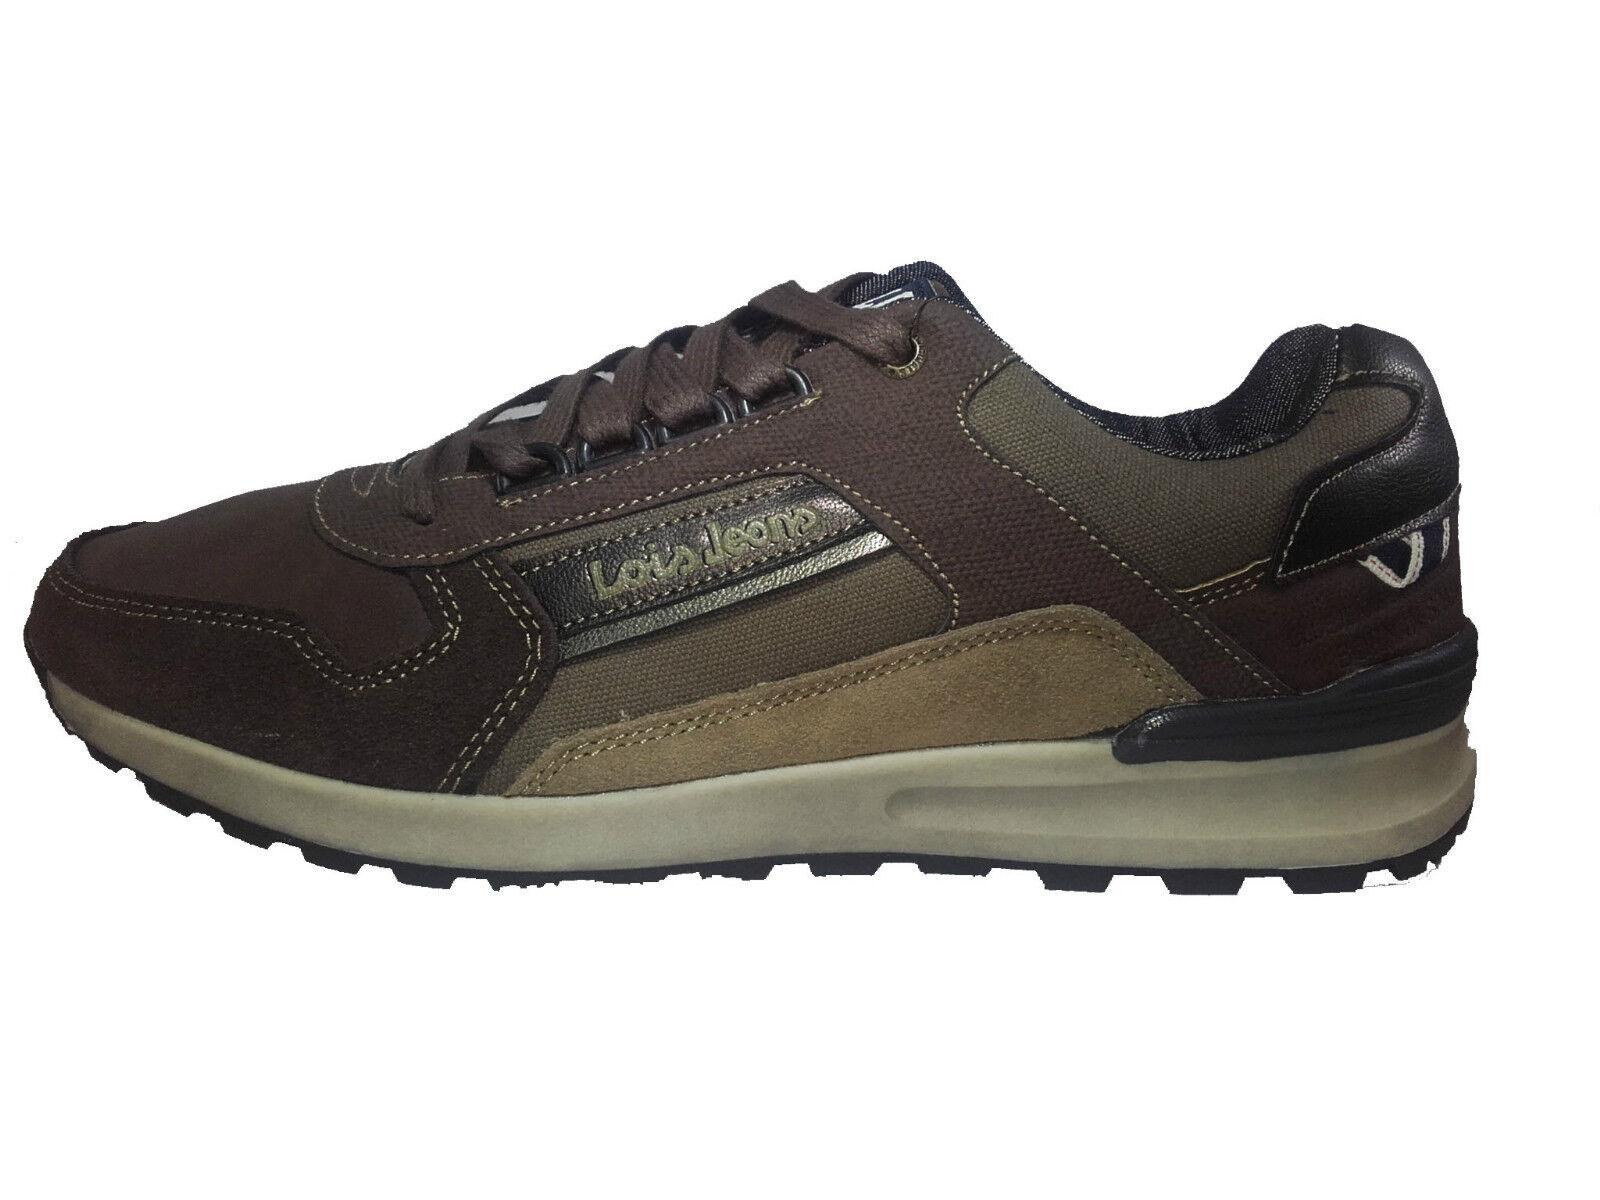 Grandes descuentos nuevos zapatos Scarpe uomo Exton 251 0726